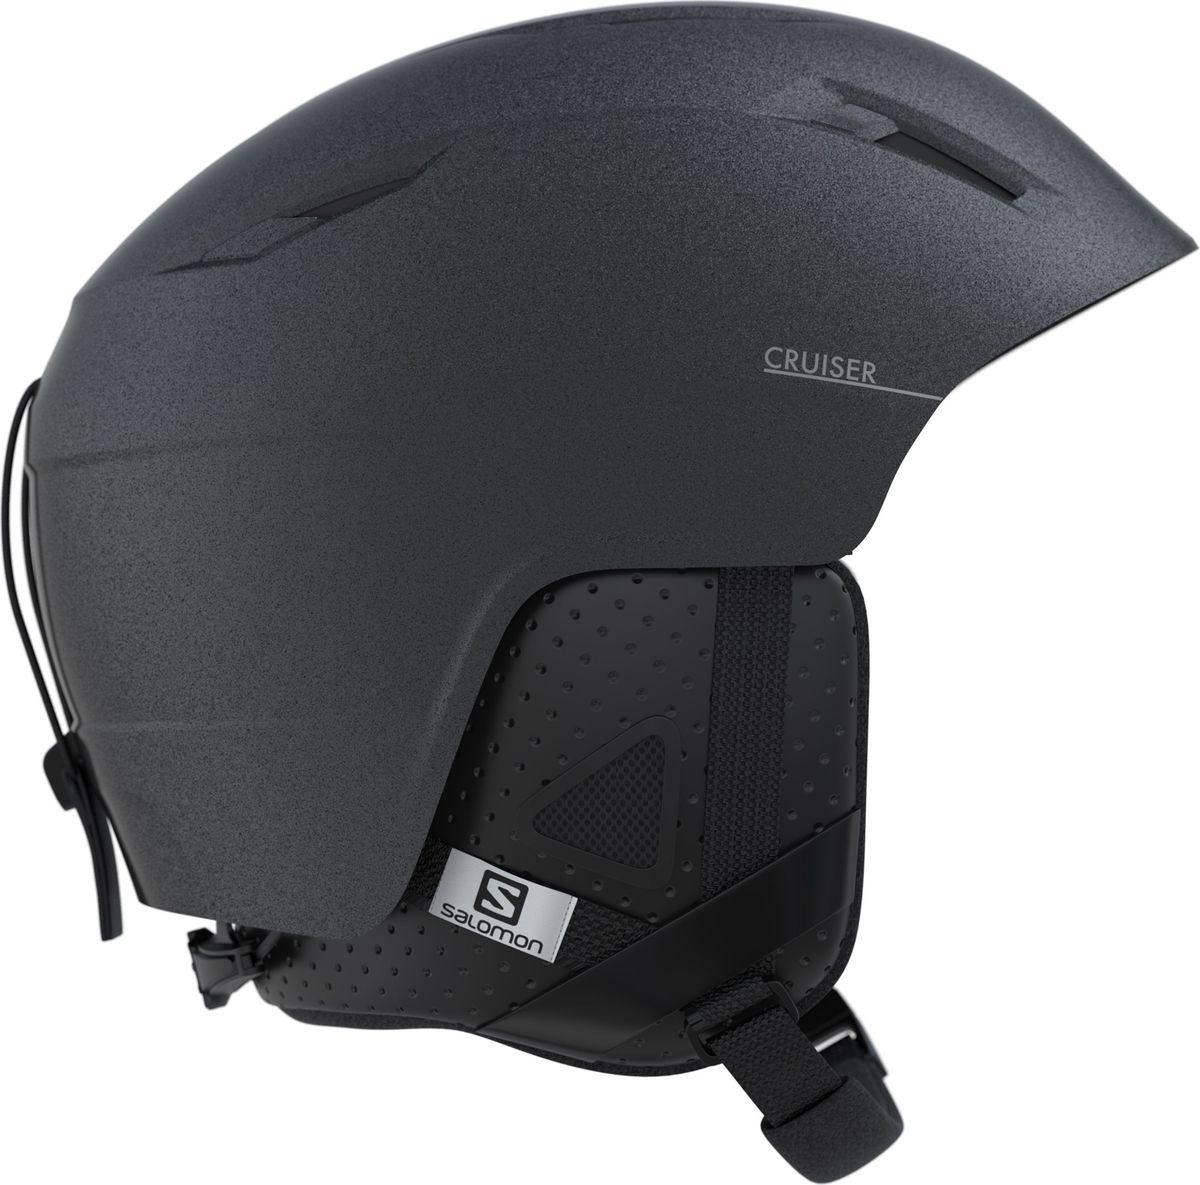 Шлем зимний Salomon Cruiser2+ Black. Размер M (56/59)L39913700Для лучших райдеров all-mountain: Cruiser2 готов к любым испытаниям. Технология Thin Shell обеспечивает максимальную надежность, компактный профиль и низкий вес. В Cruiser2 используется повышающая безопасность технология EPS 4D, которая в сочетании с регулировкой Salomon Custom Dial обеспечивает точную и плотную посадку.